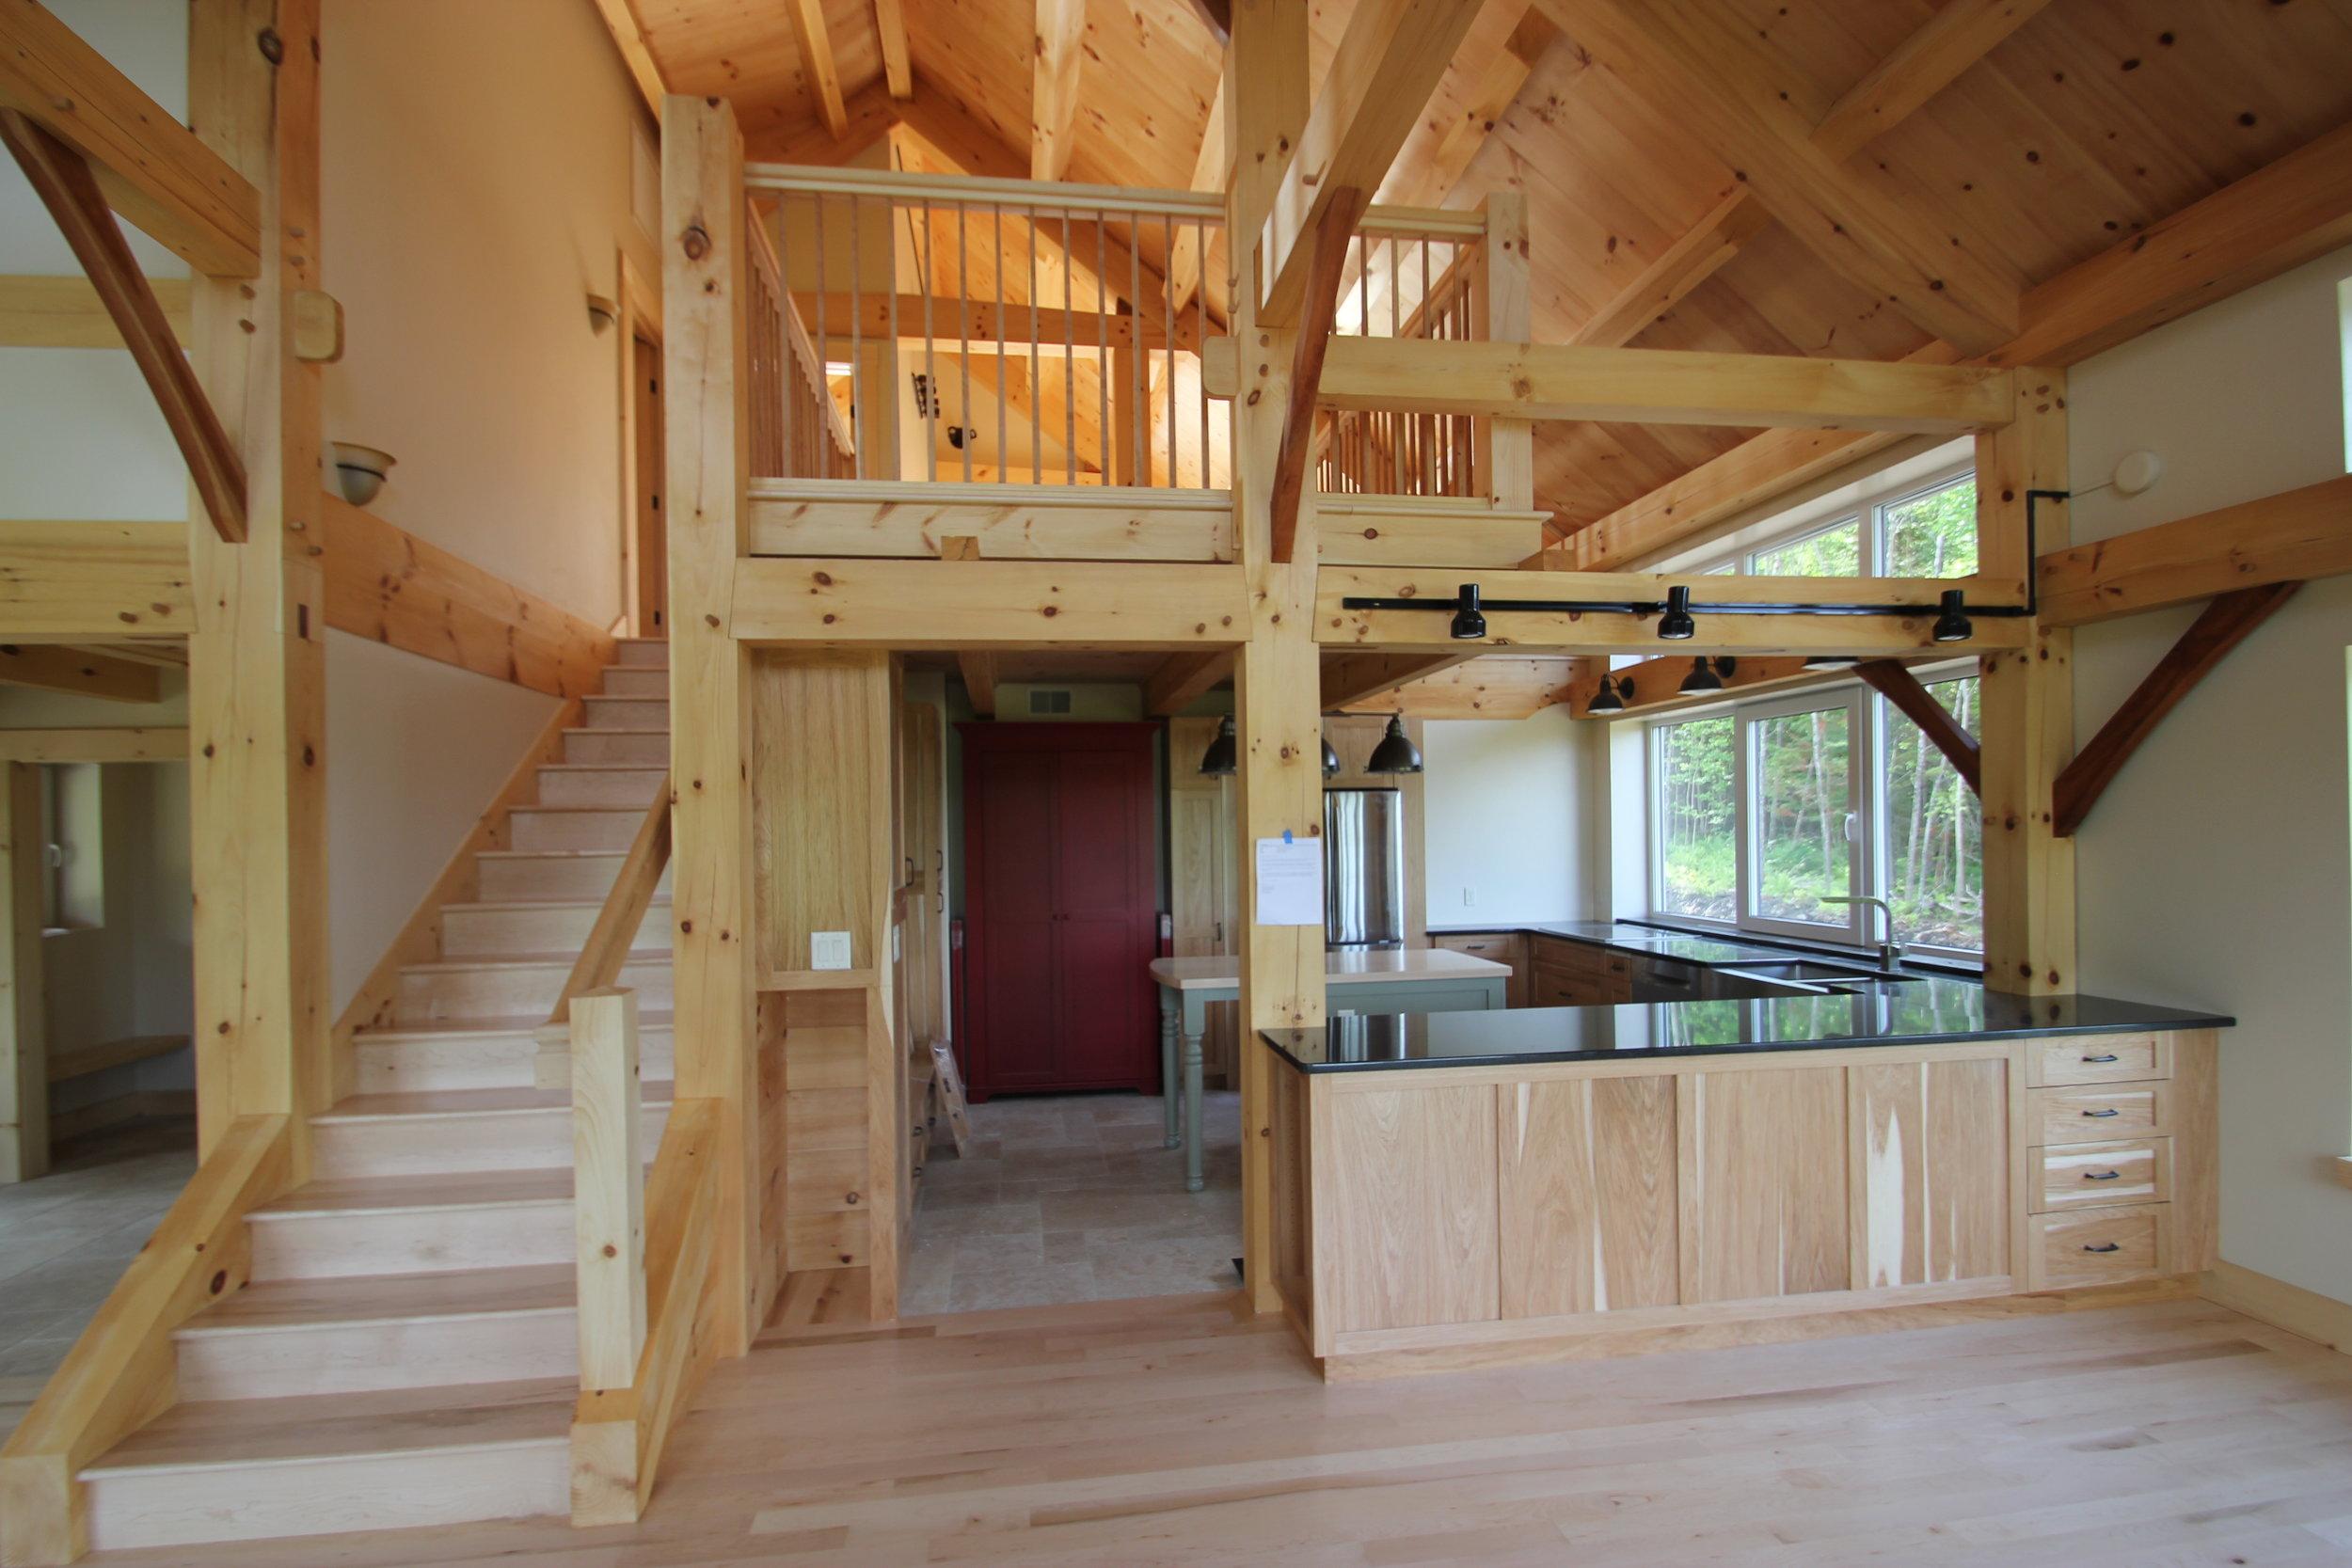 2015-07-04 Szauter Residence 4.JPG